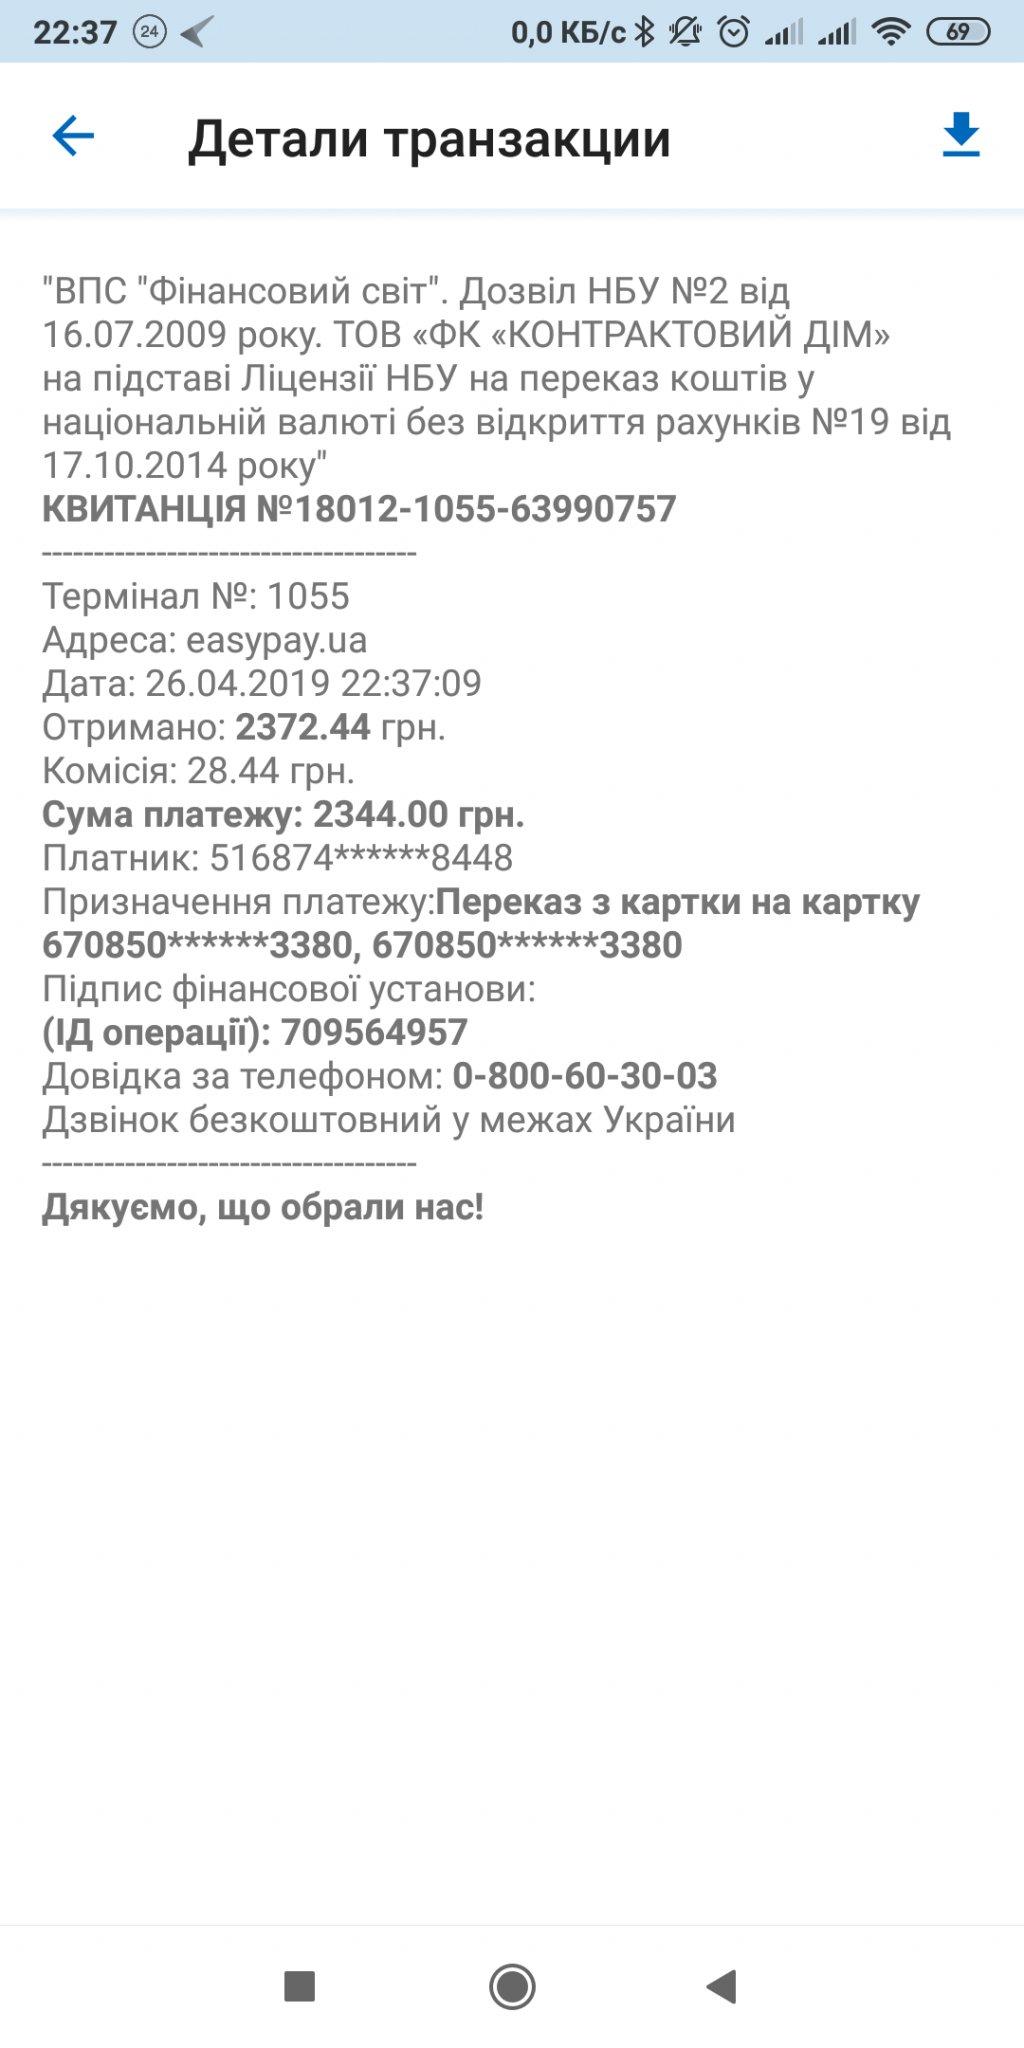 Аферисты в сетях на Новом канале - Будьте бдительны!